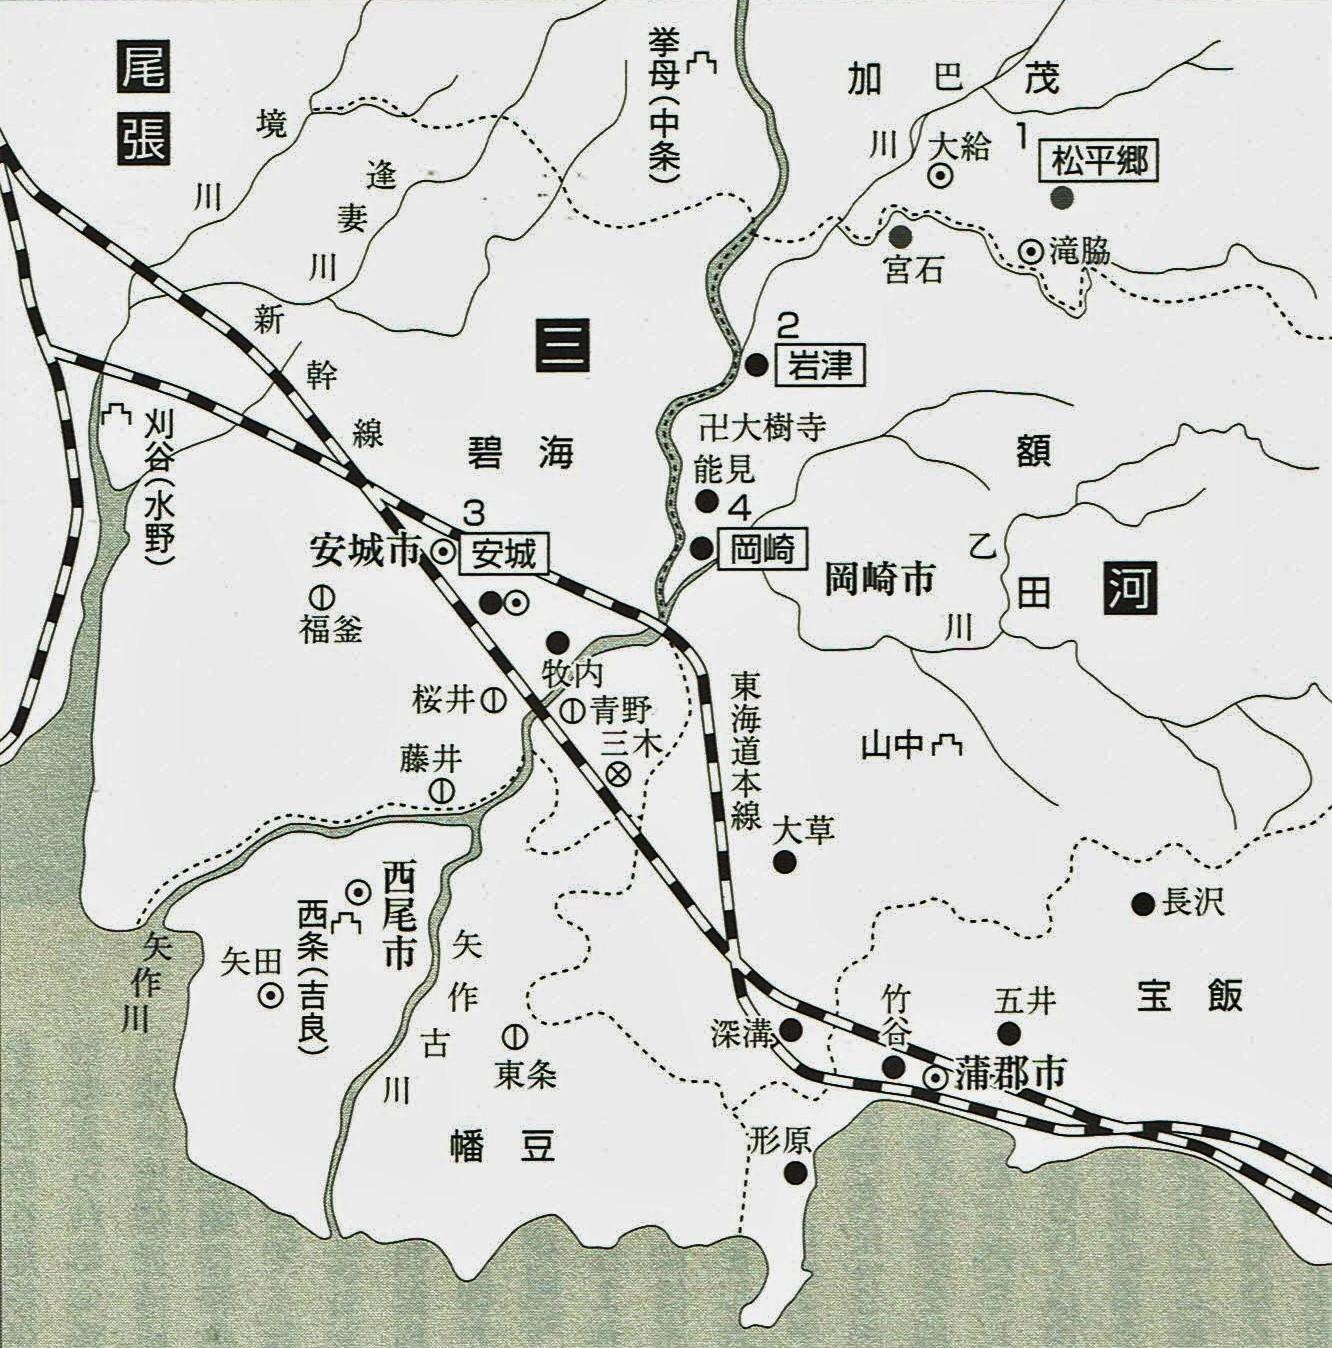 徳川家の源流その派生を探る_a0277742_18512399.jpg